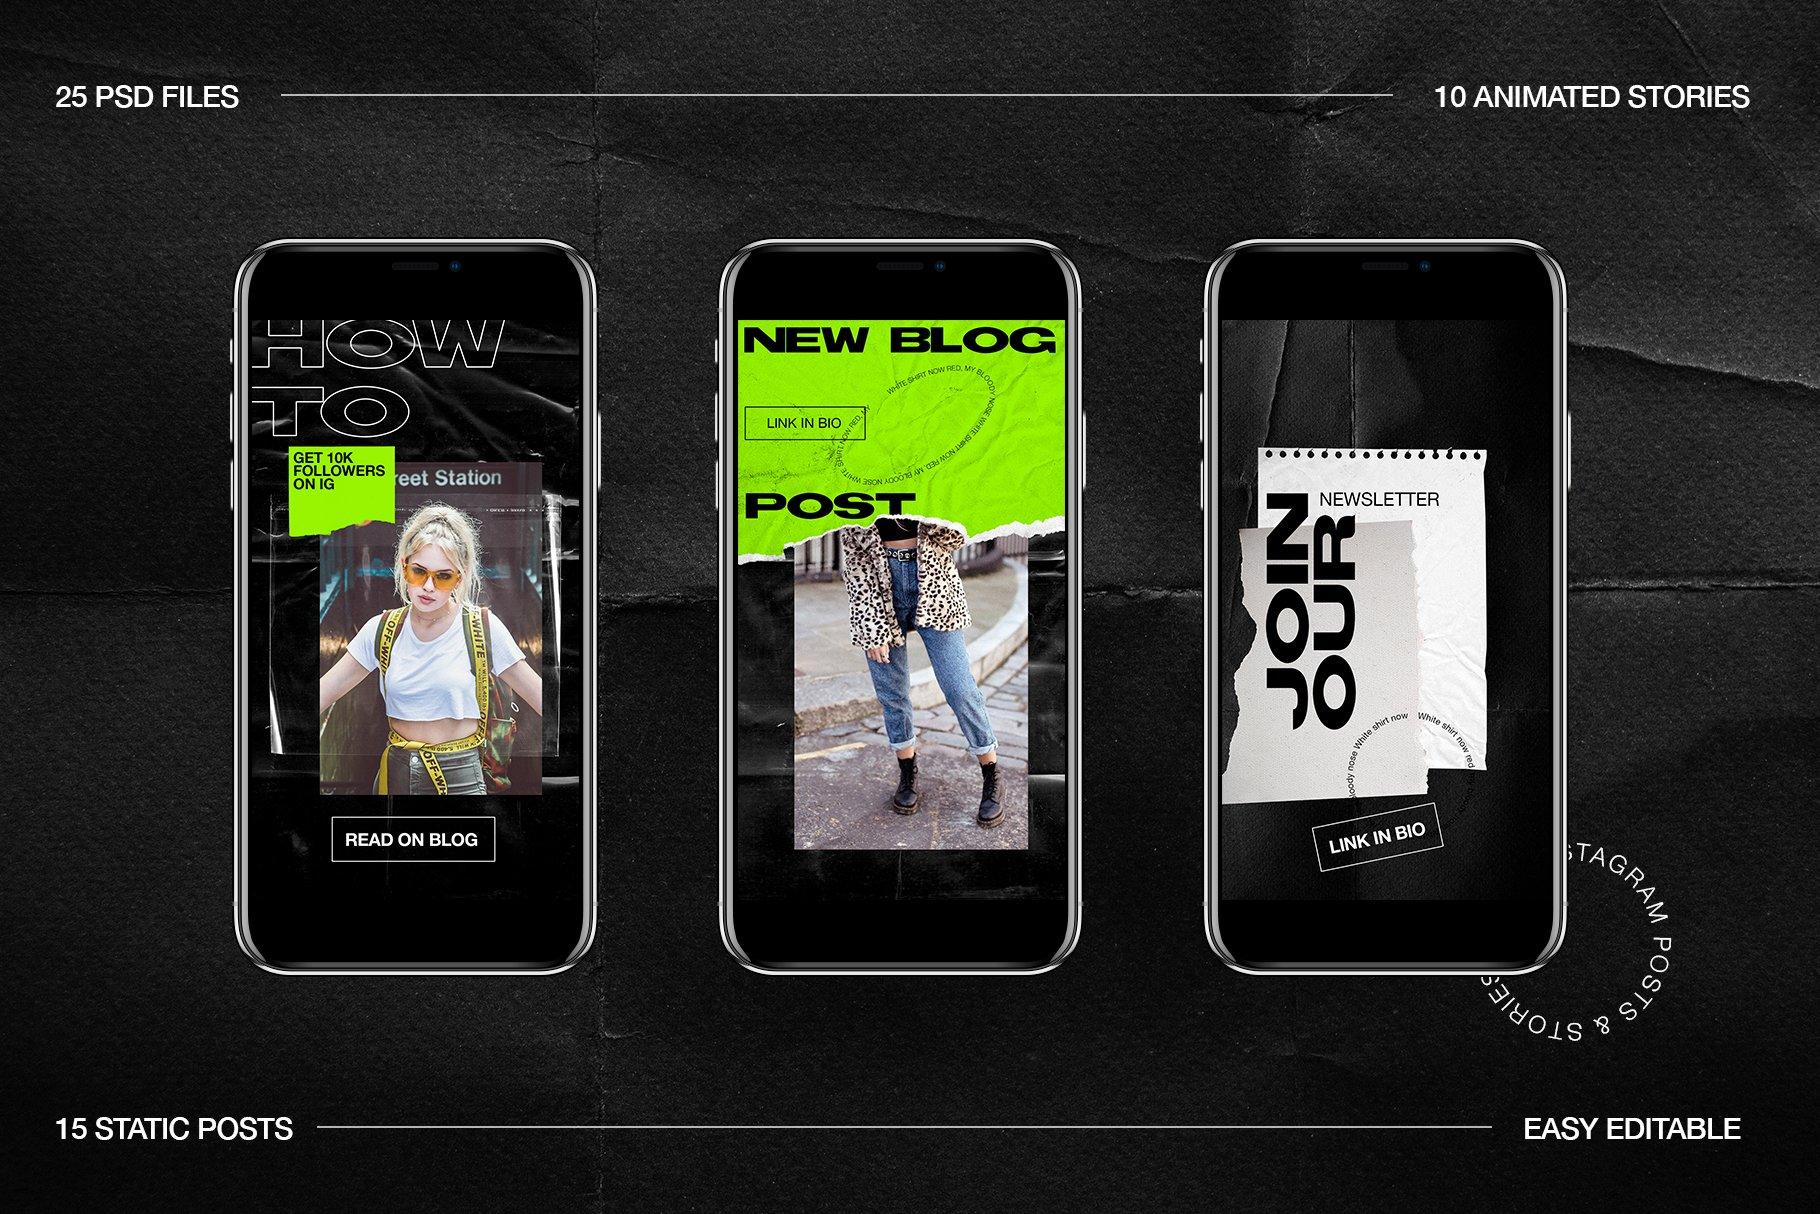 [淘宝购买] 潮流霓虹撕纸效果新媒体推广电商海报设计PSD模板 Neon Instagram Posts & Stories插图(12)